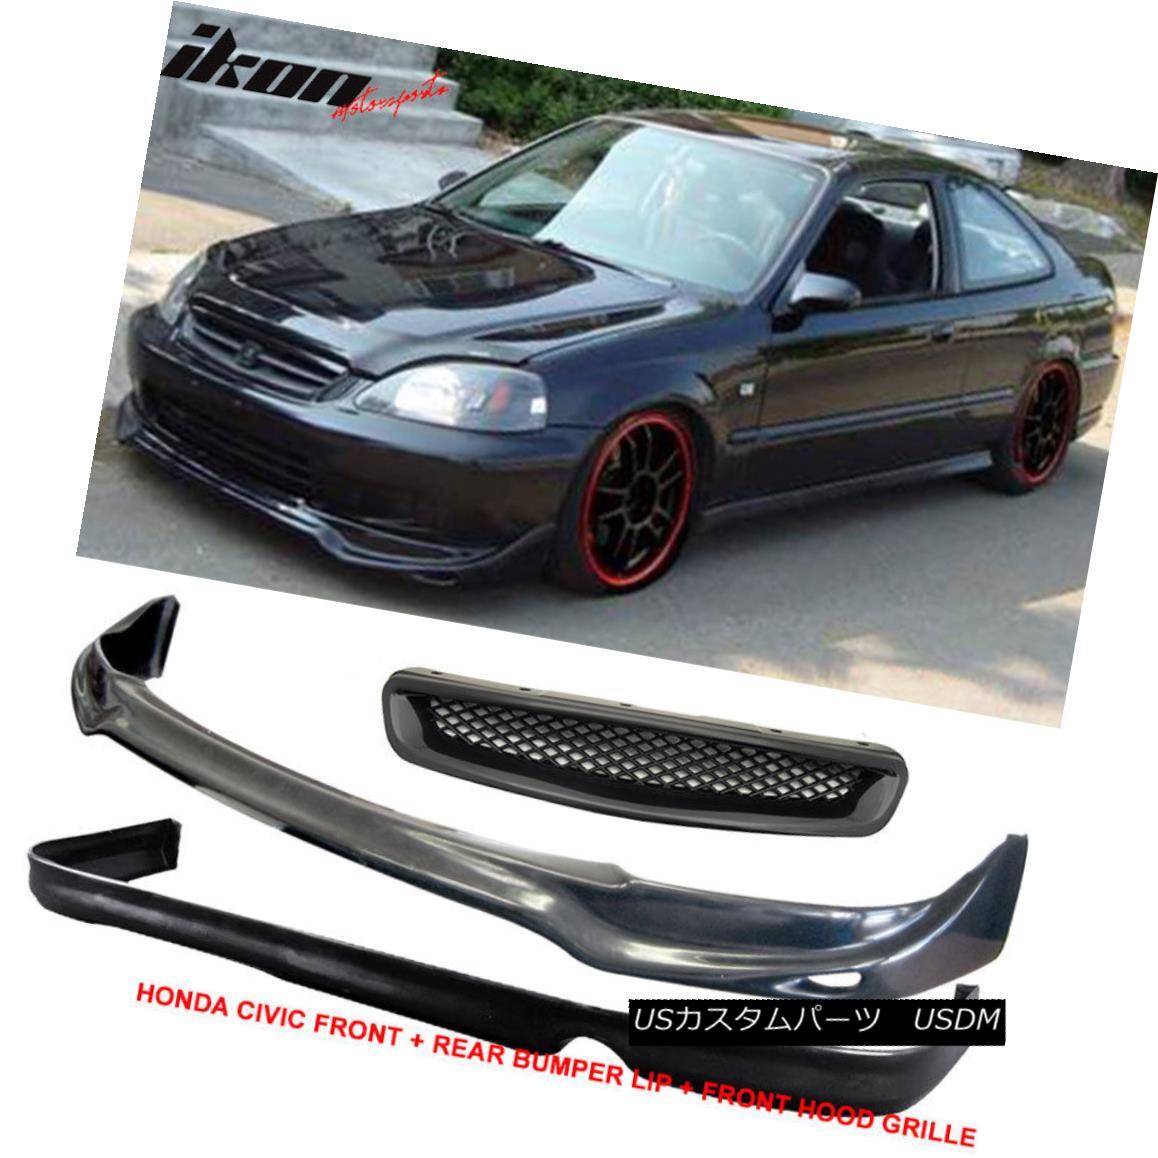 グリル Fits 96-98 Honda Civic 2Dr/4Dr JUN Front + Rear Bumper Lip + TR Front Hood Grill フィット96-98ホンダシビック2Dr / 4Dr JUNフロント+リアバンパーリップ+ TRフロントフードグリル